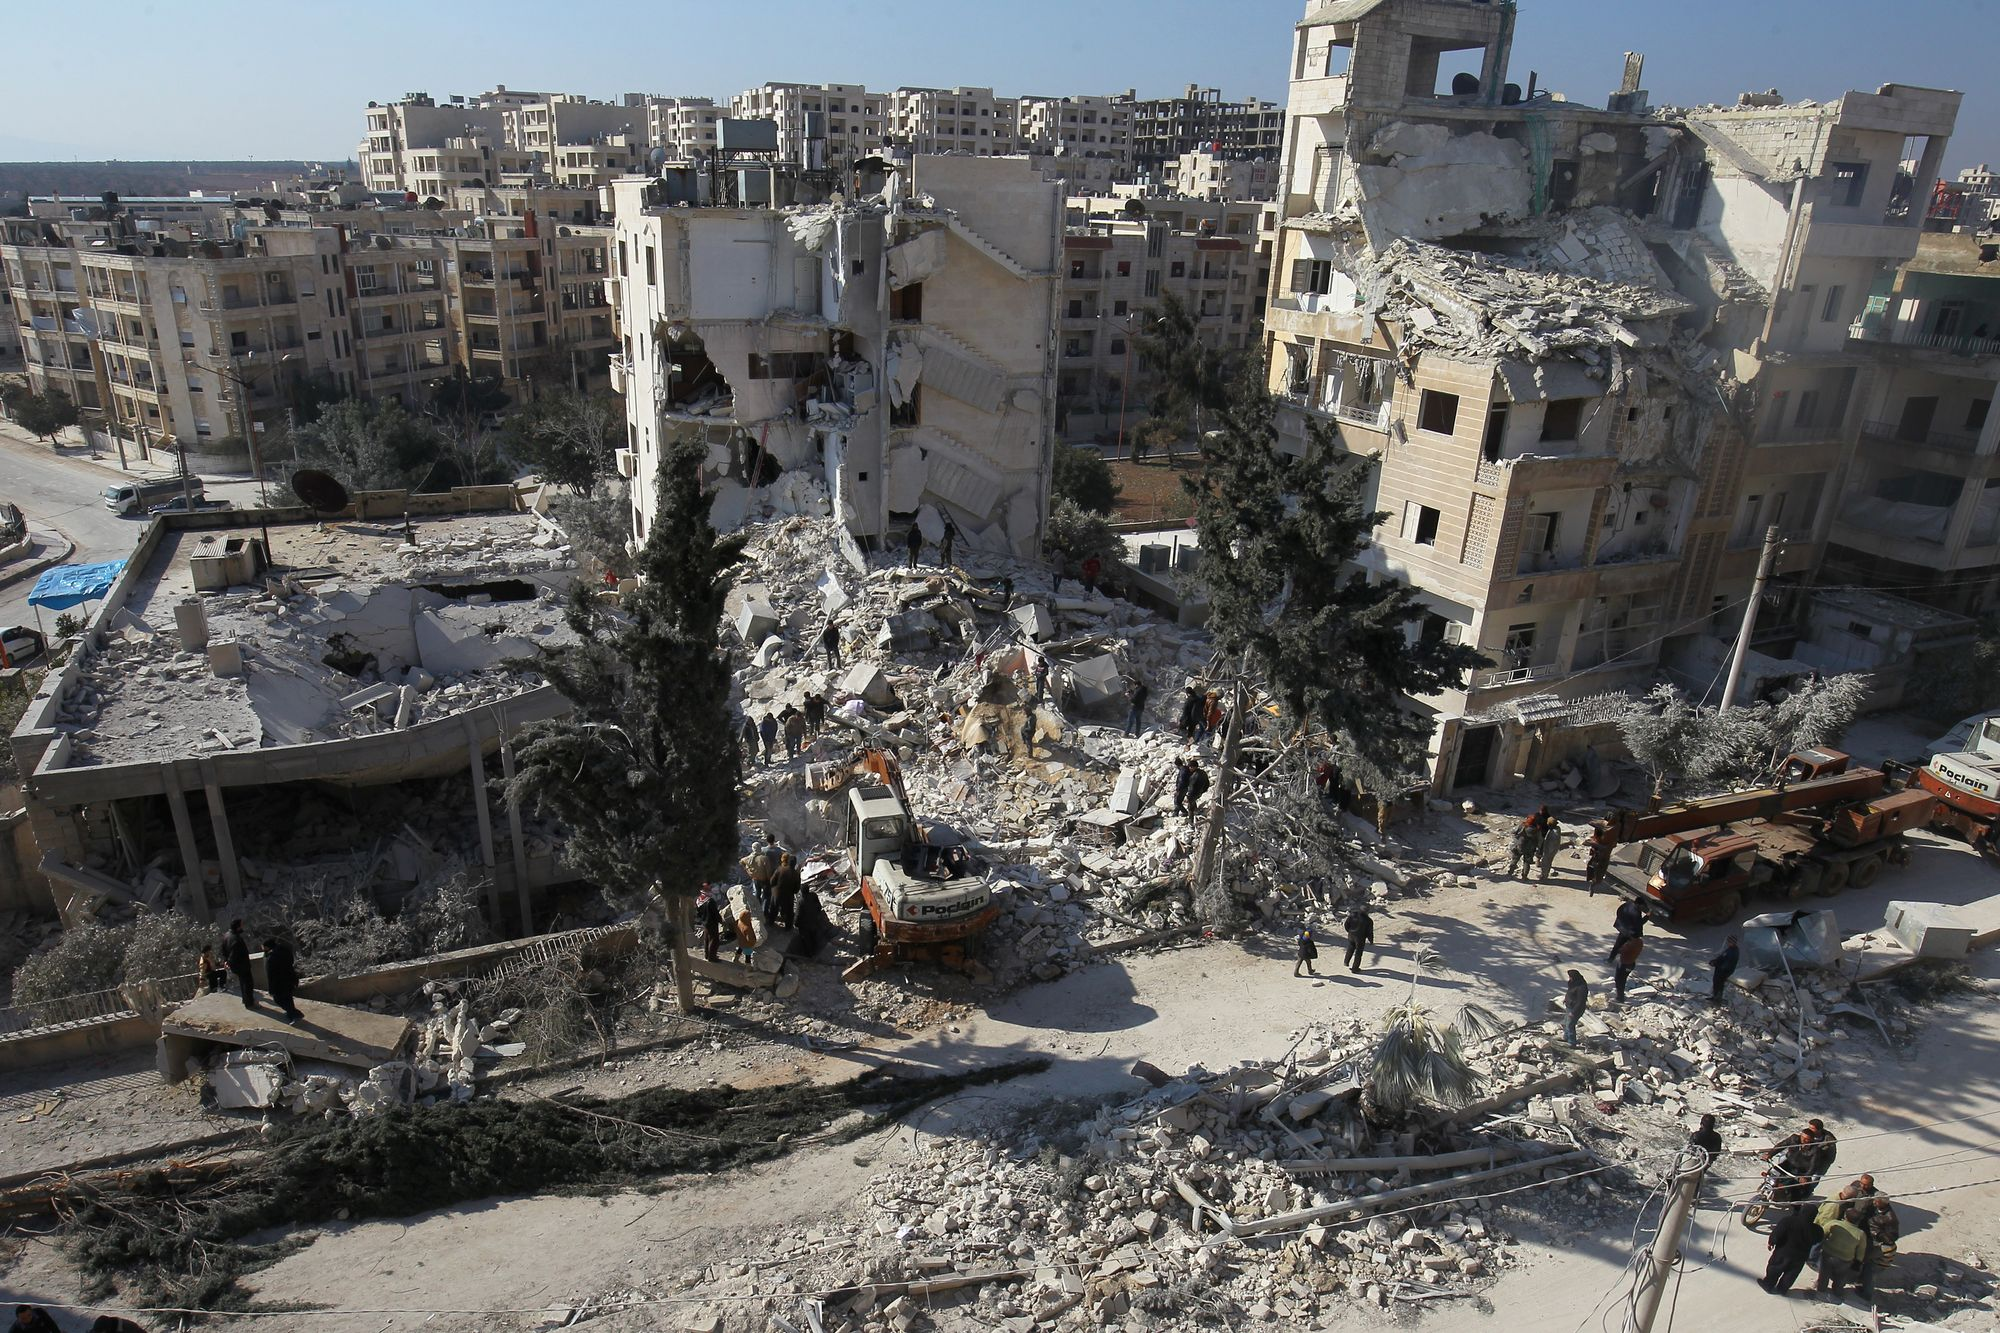 46 morts dans les raids contre l'ex-branche d'Al-Qaïda en Syrie